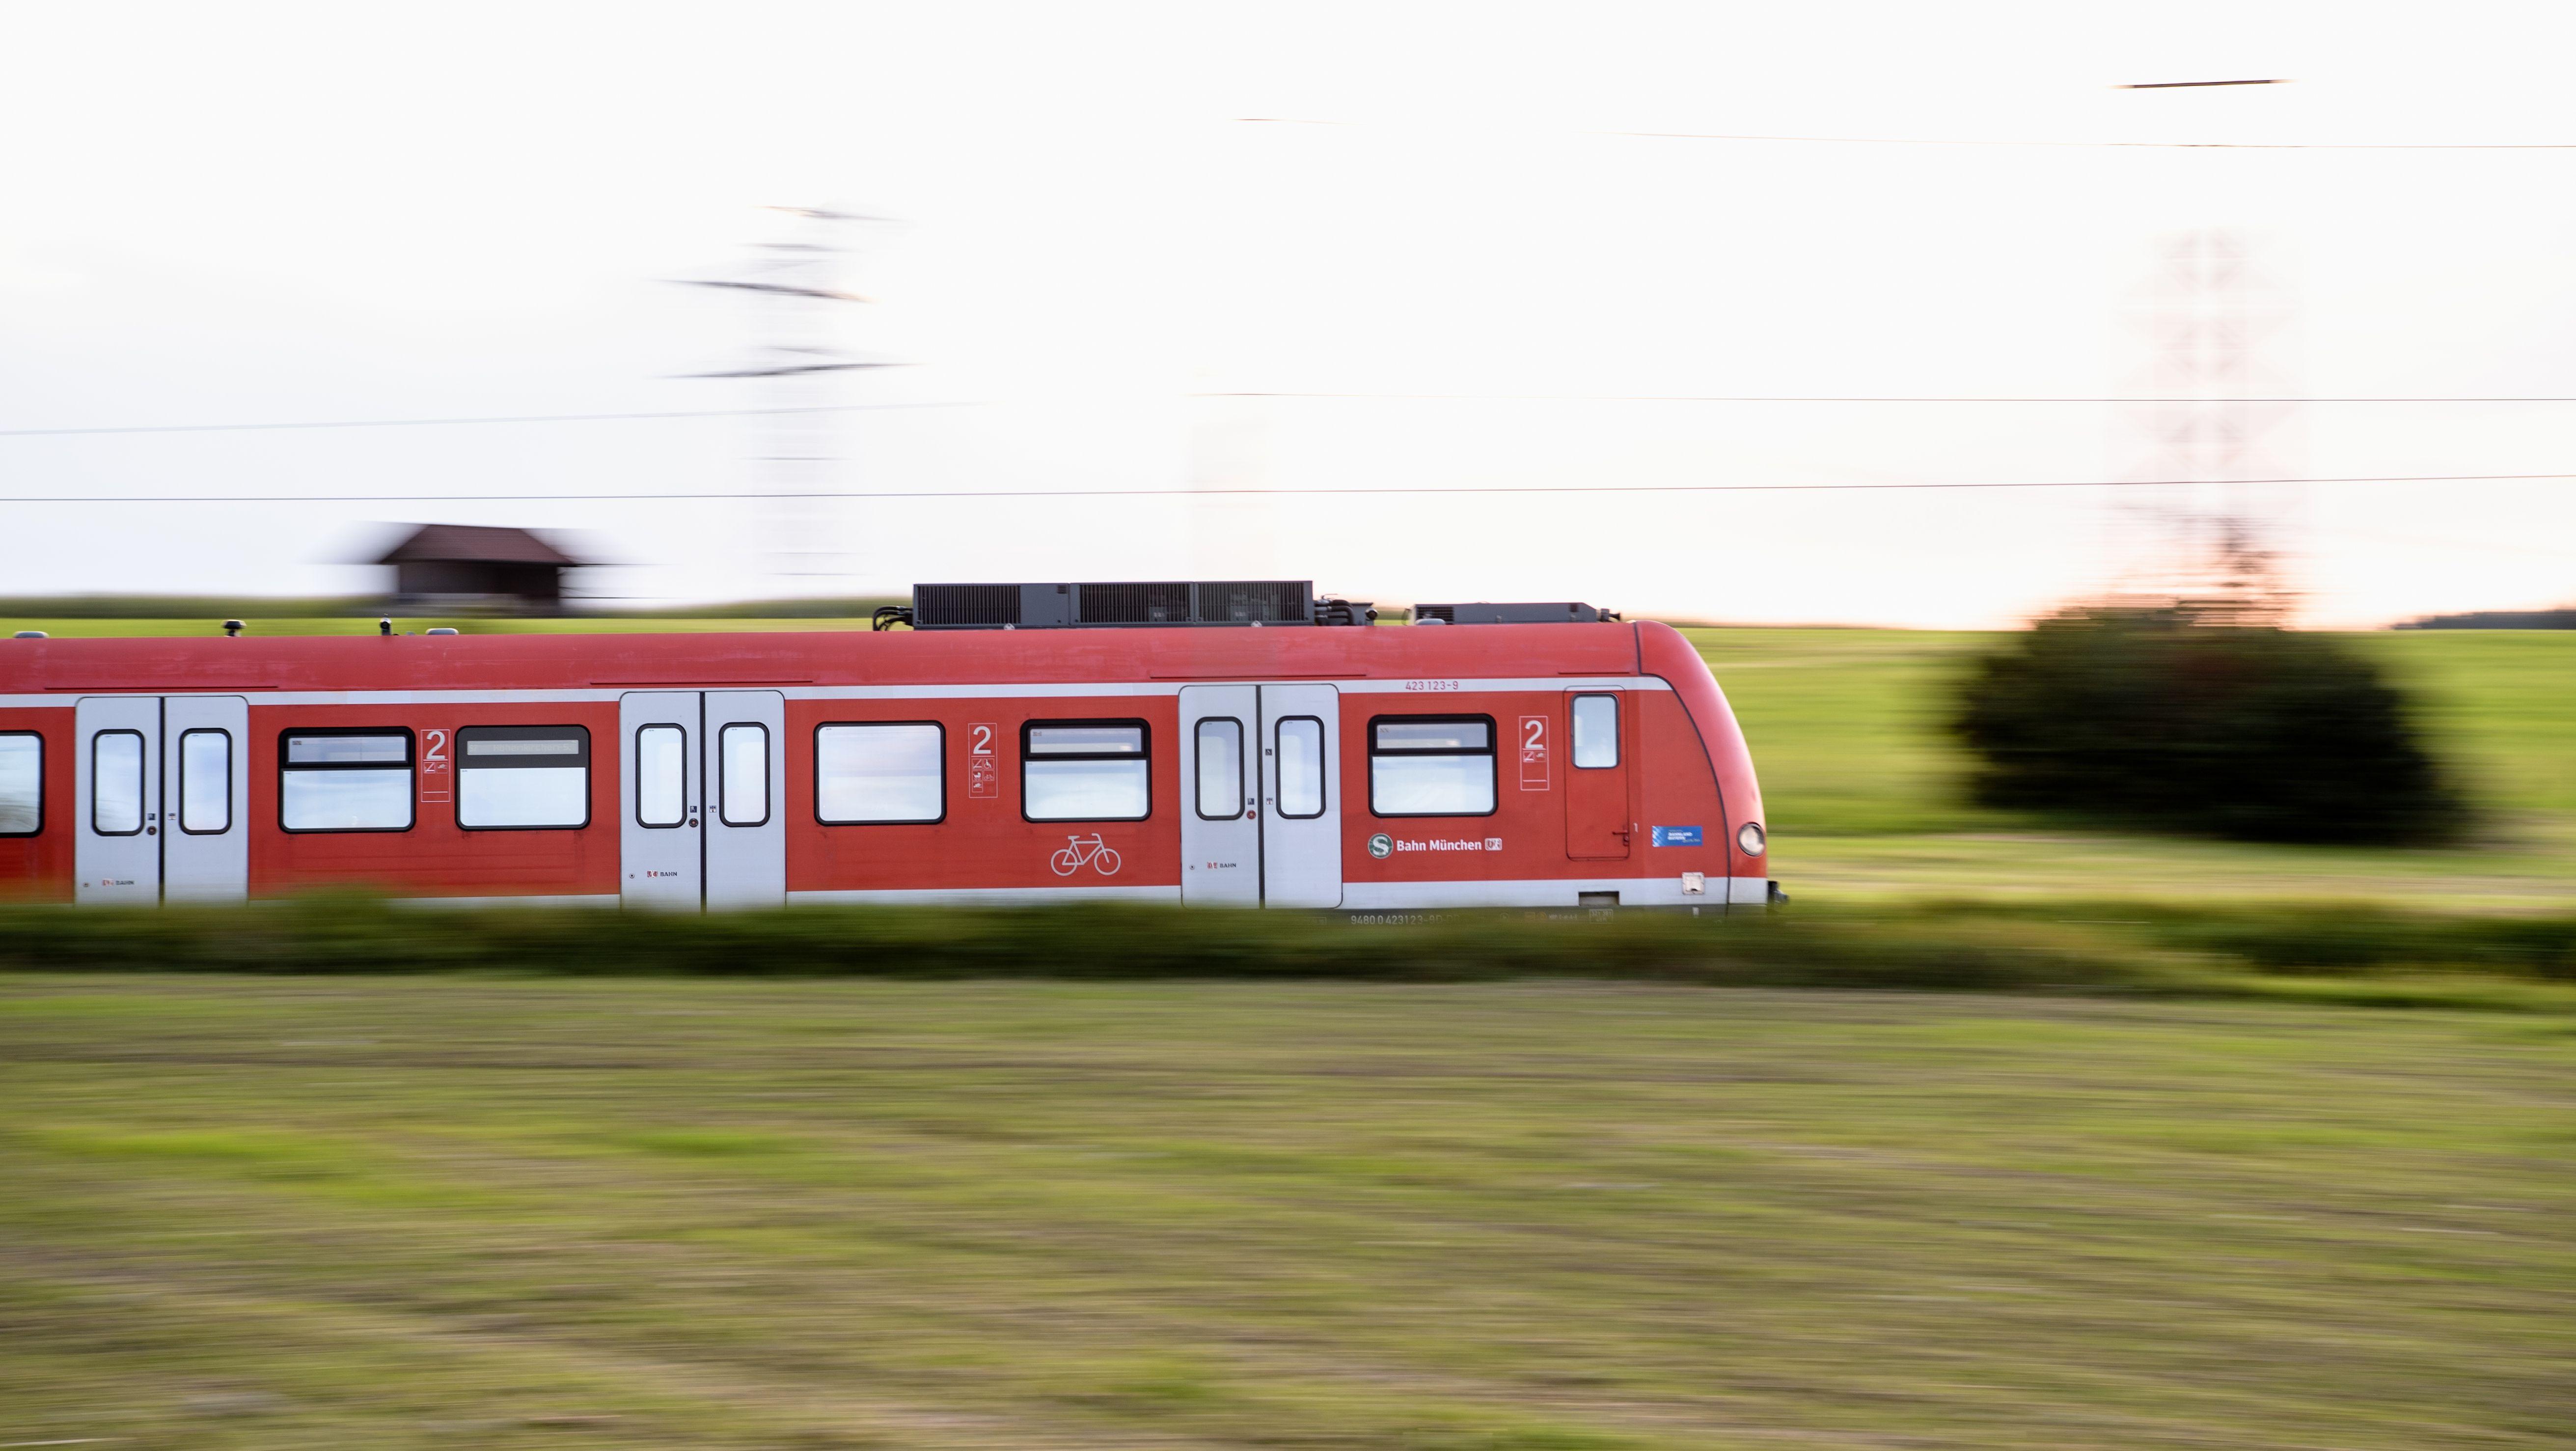 Eine S-Bahn in der Nähe von Hohenschäftlarn (Bayern).